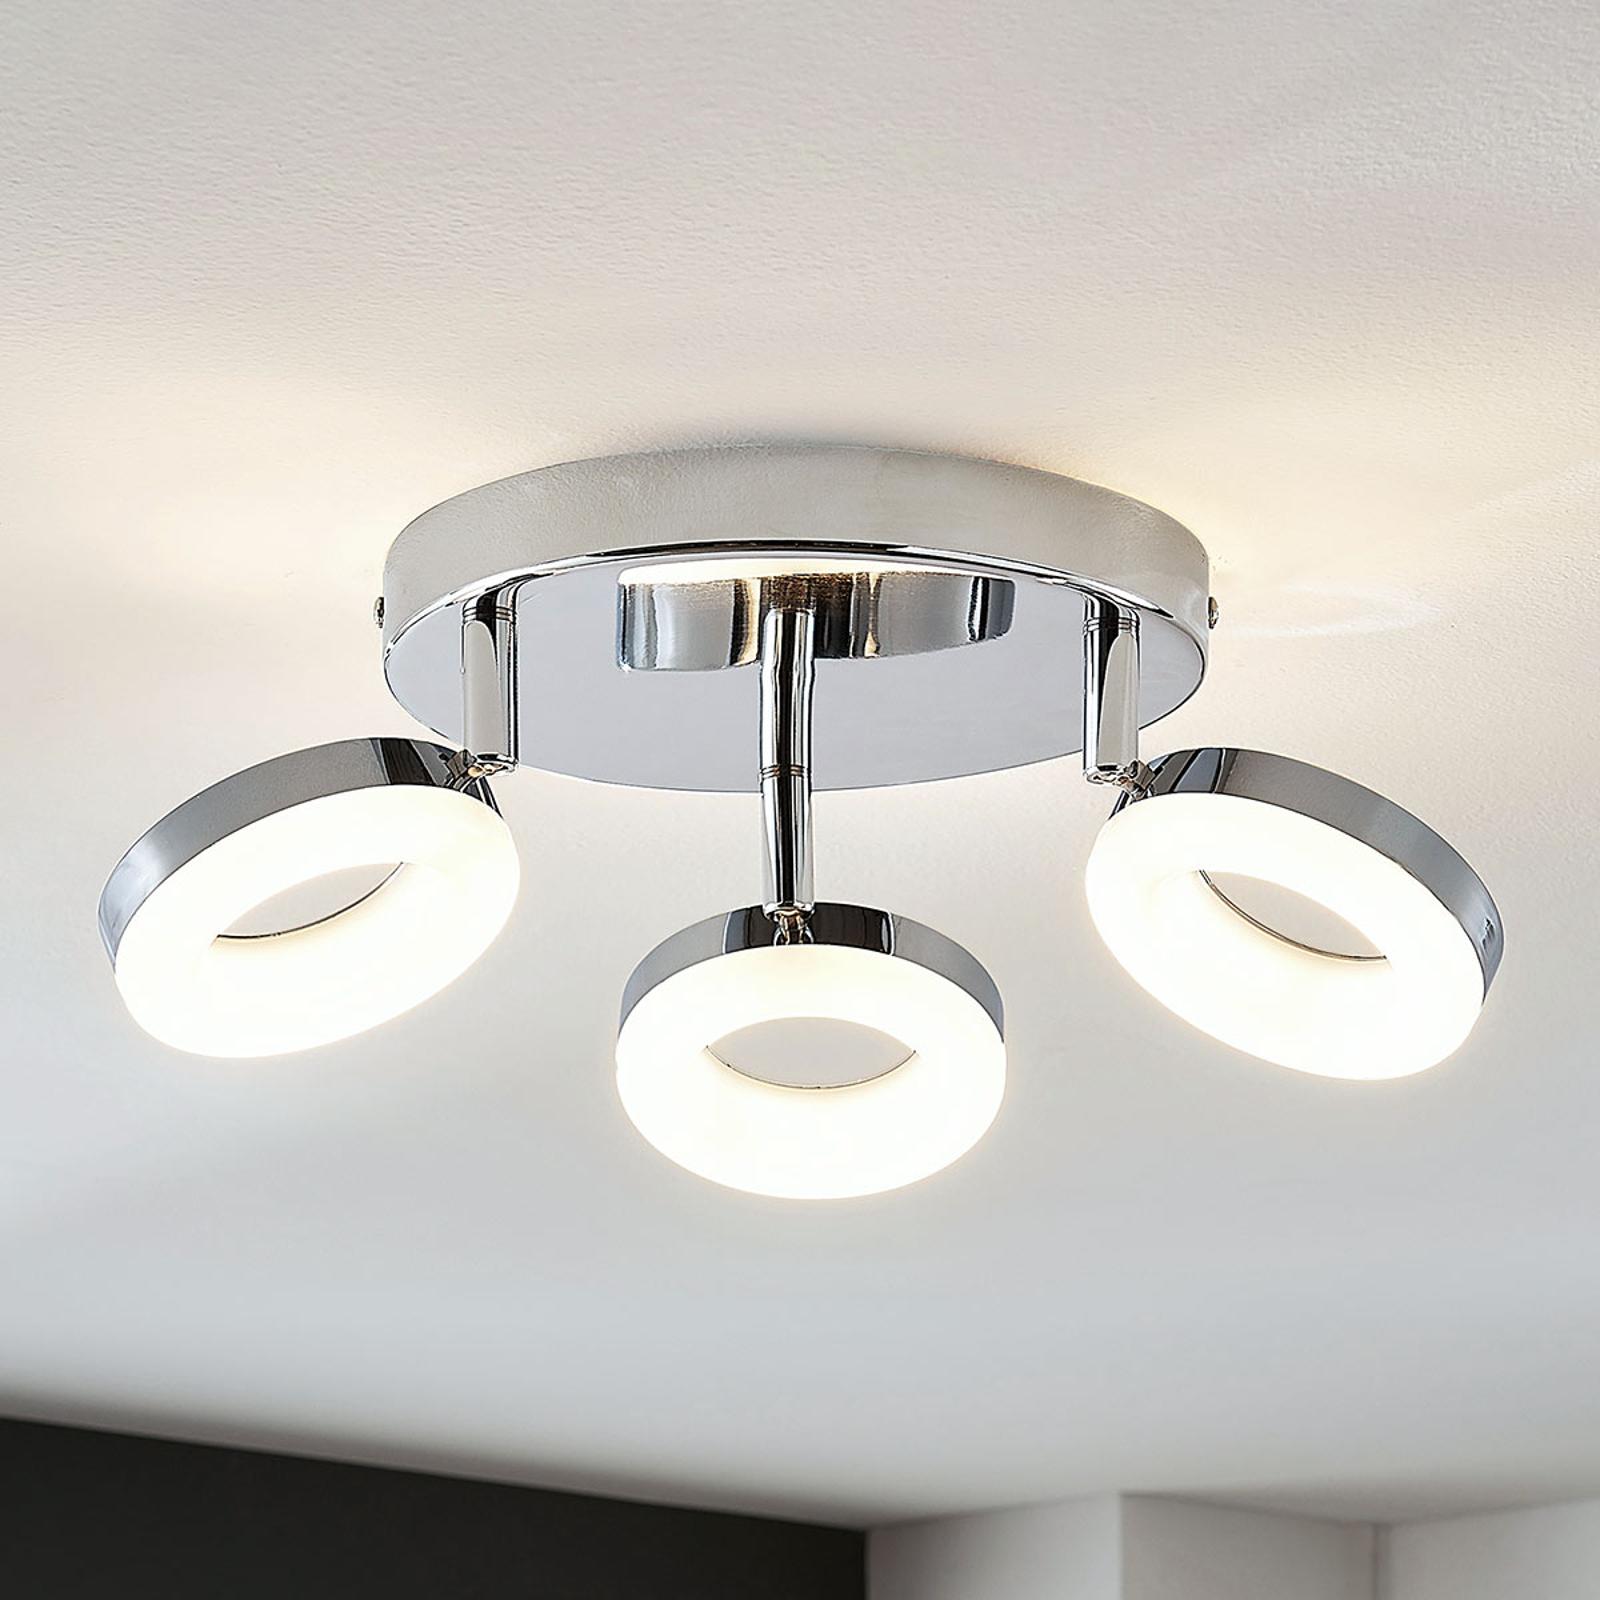 LED-taklampe Ringo 3 lyskilder, rund